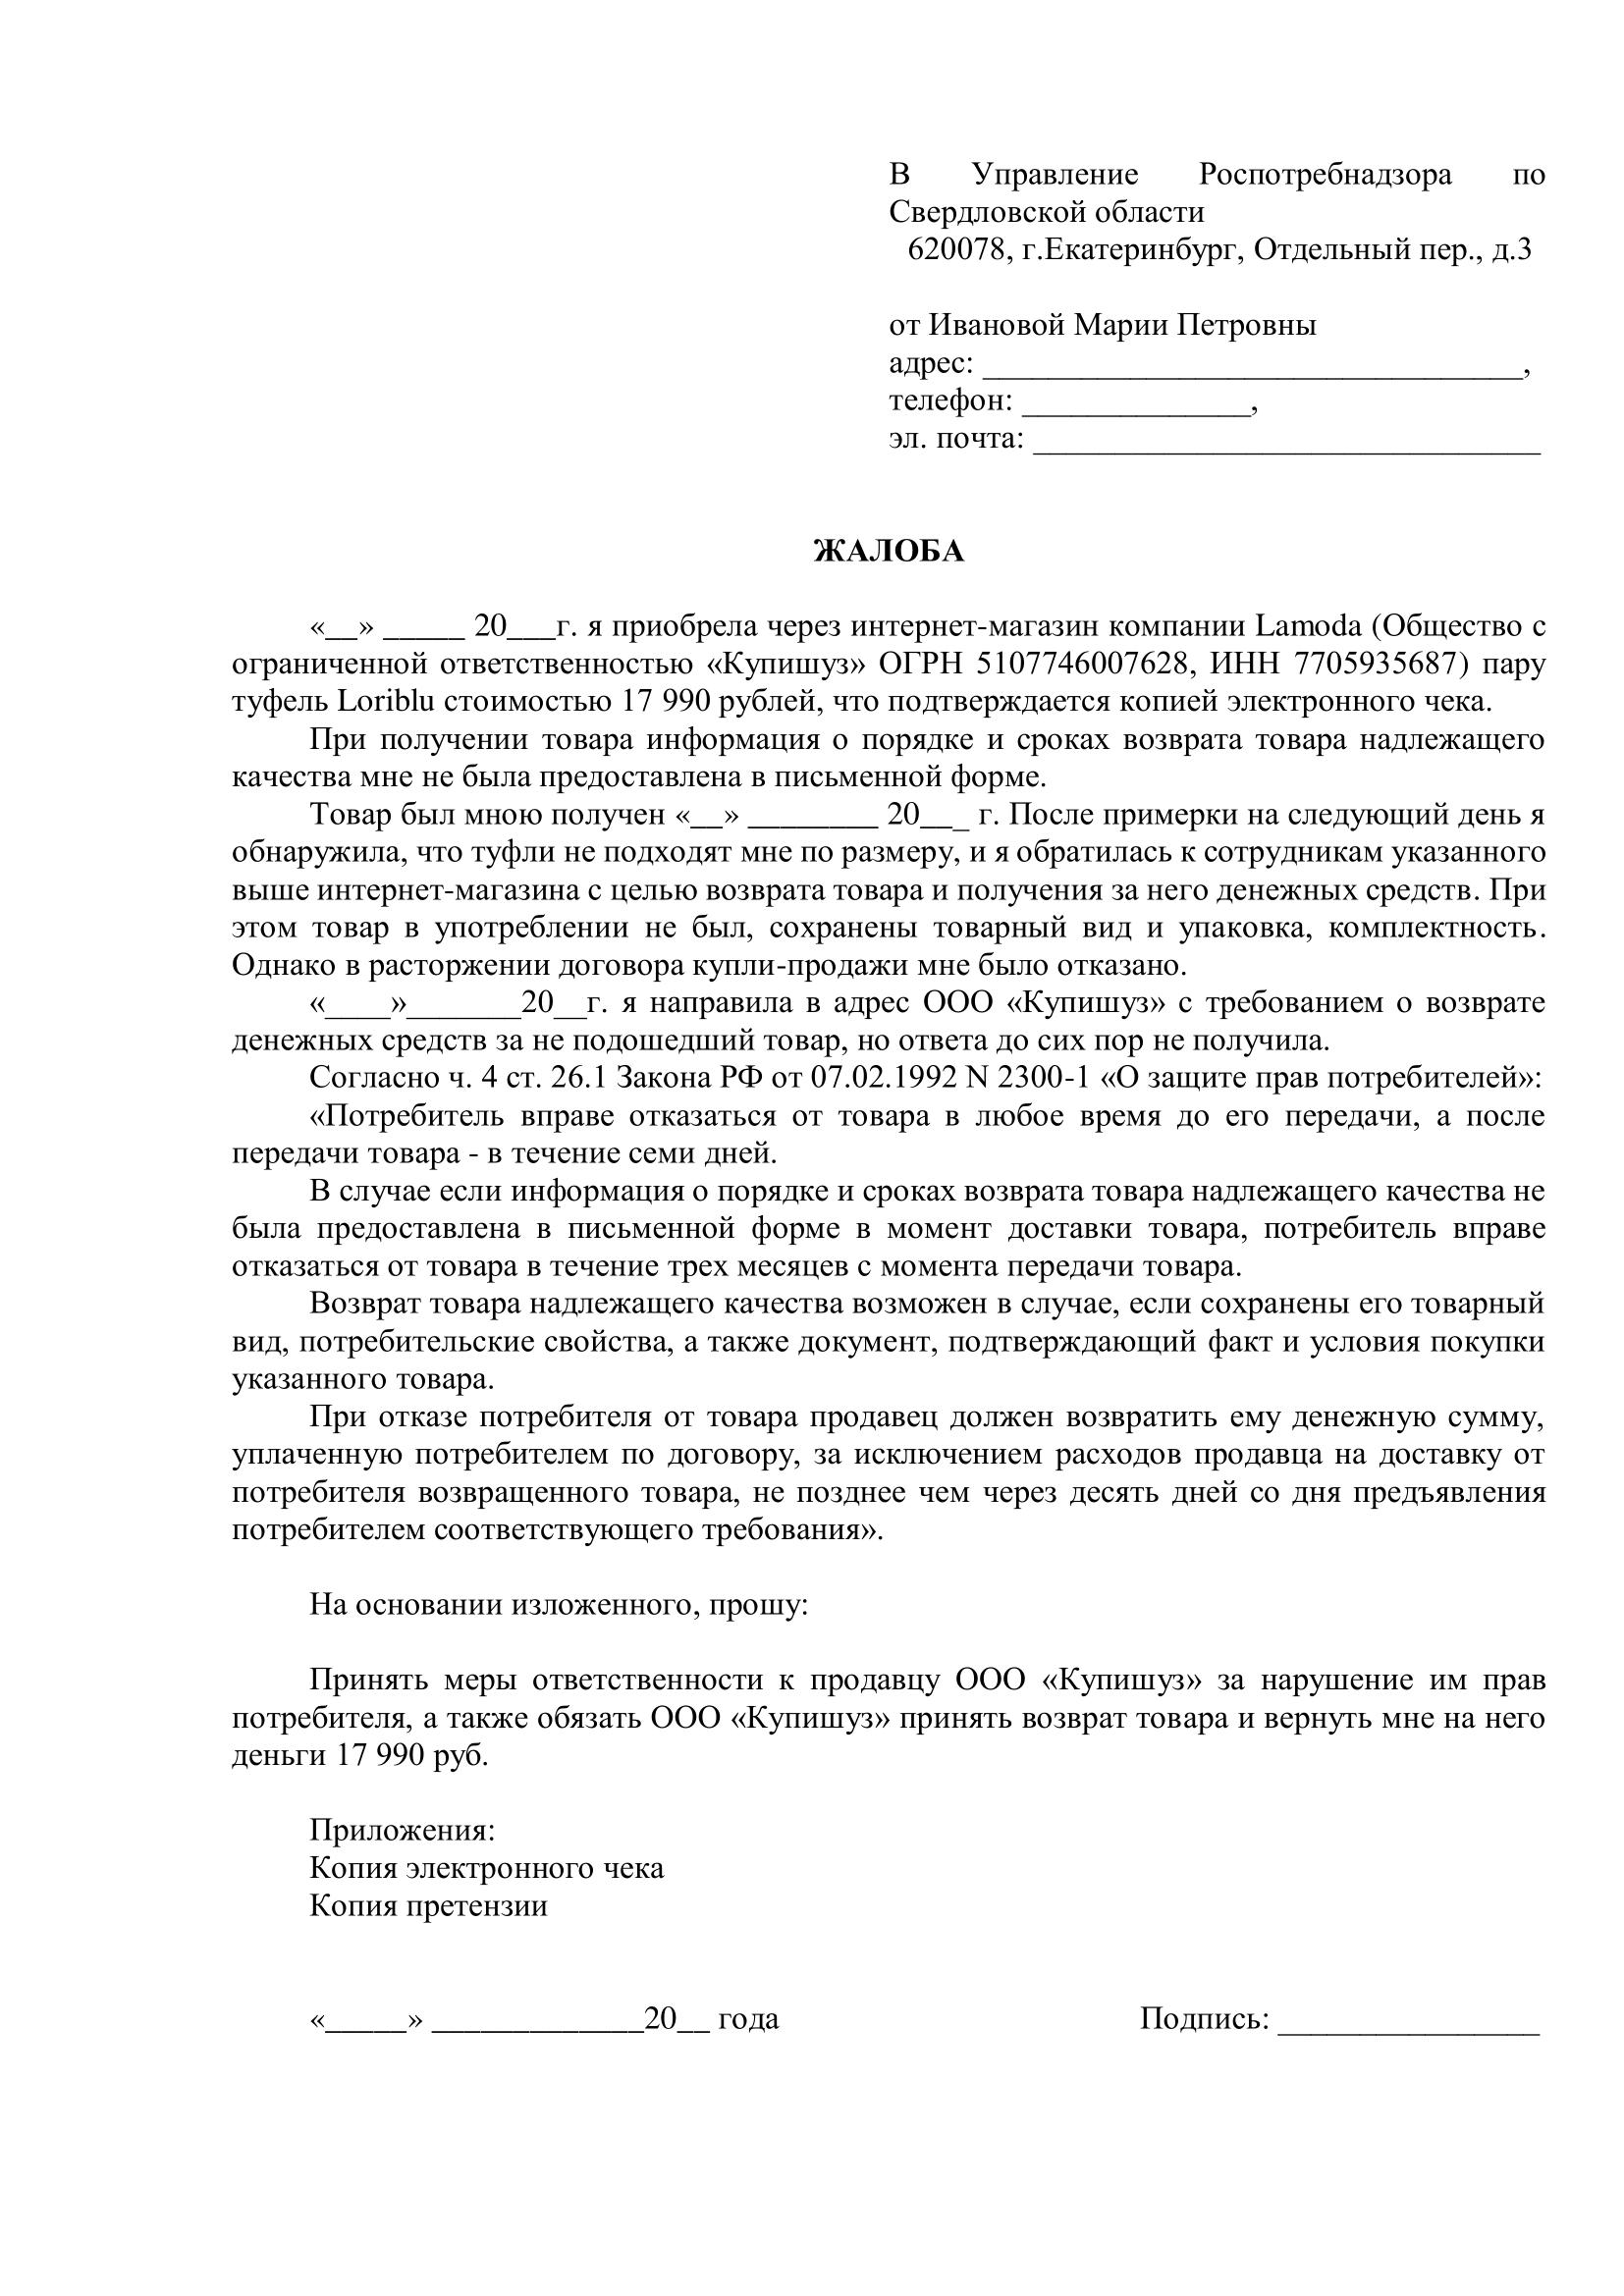 Жалоба в Роспотребнадзор (образец)